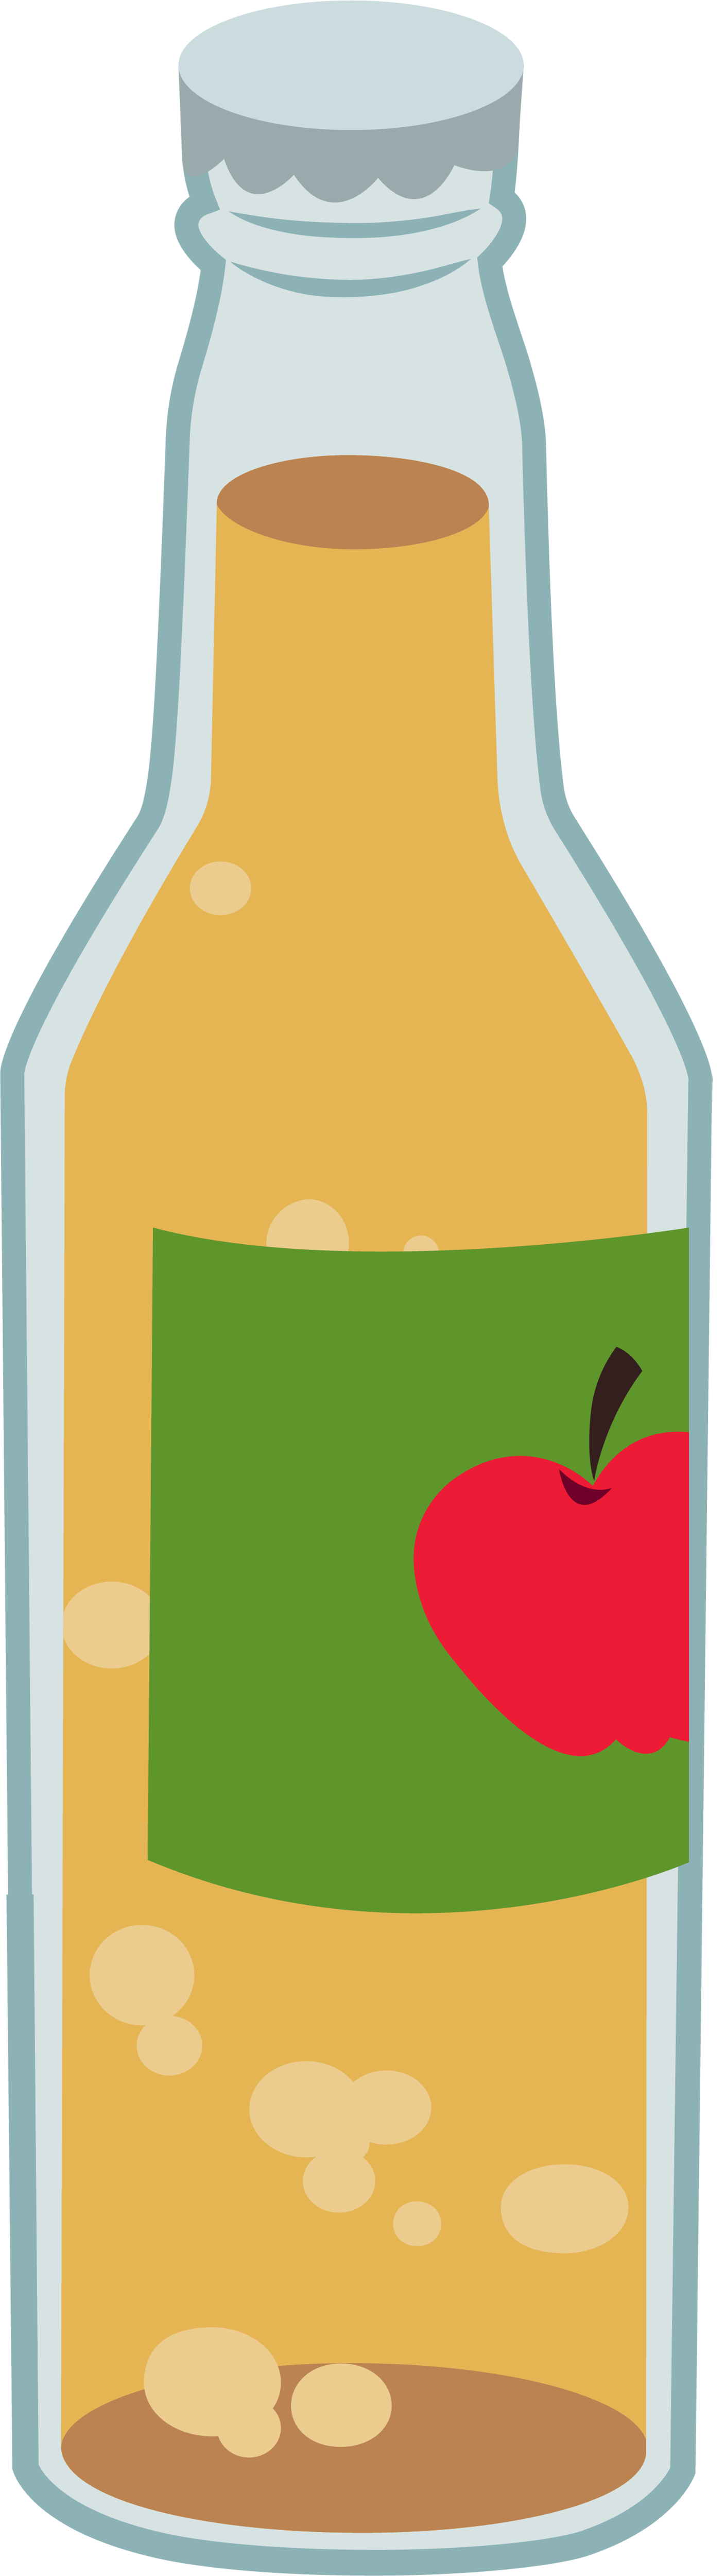 Mlp Eg Apple Cider Vector By Mlpcreativelab Apple Cider Cider Mlp Equestria Girls